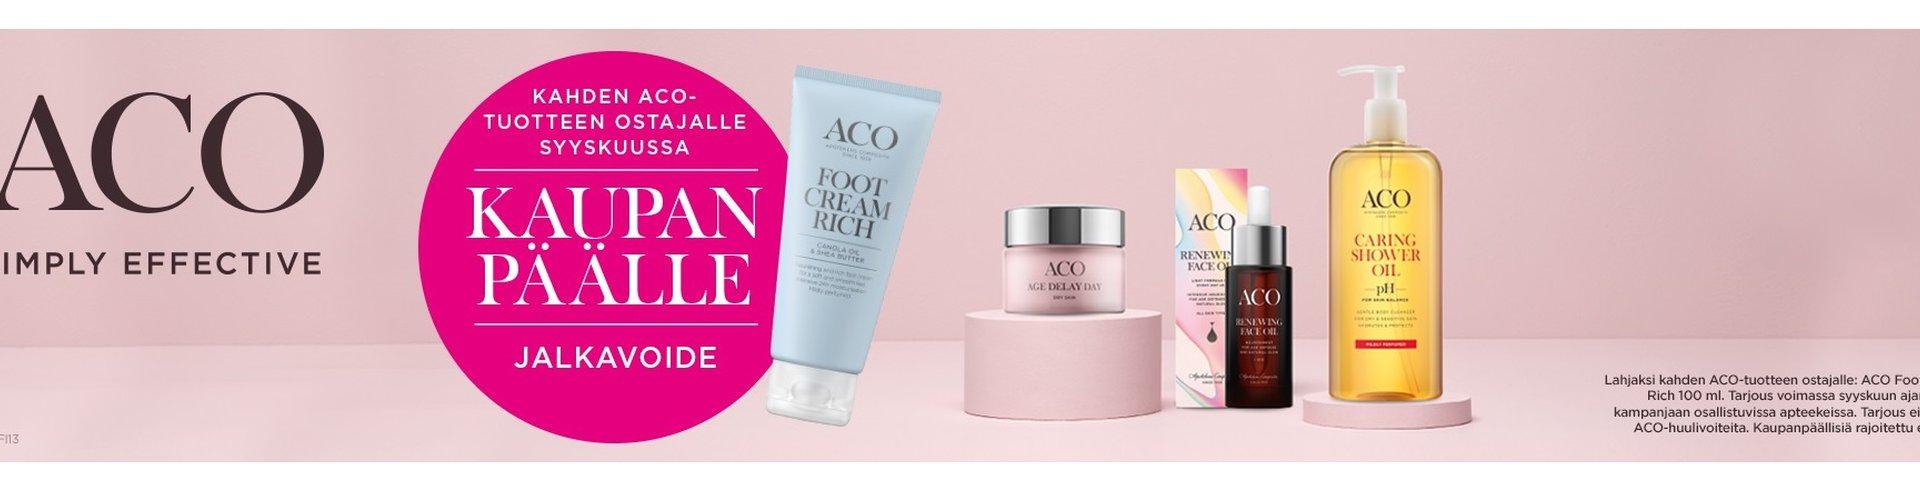 Aco ihonhoitotuotteet, jalkavoide kaupan päälle